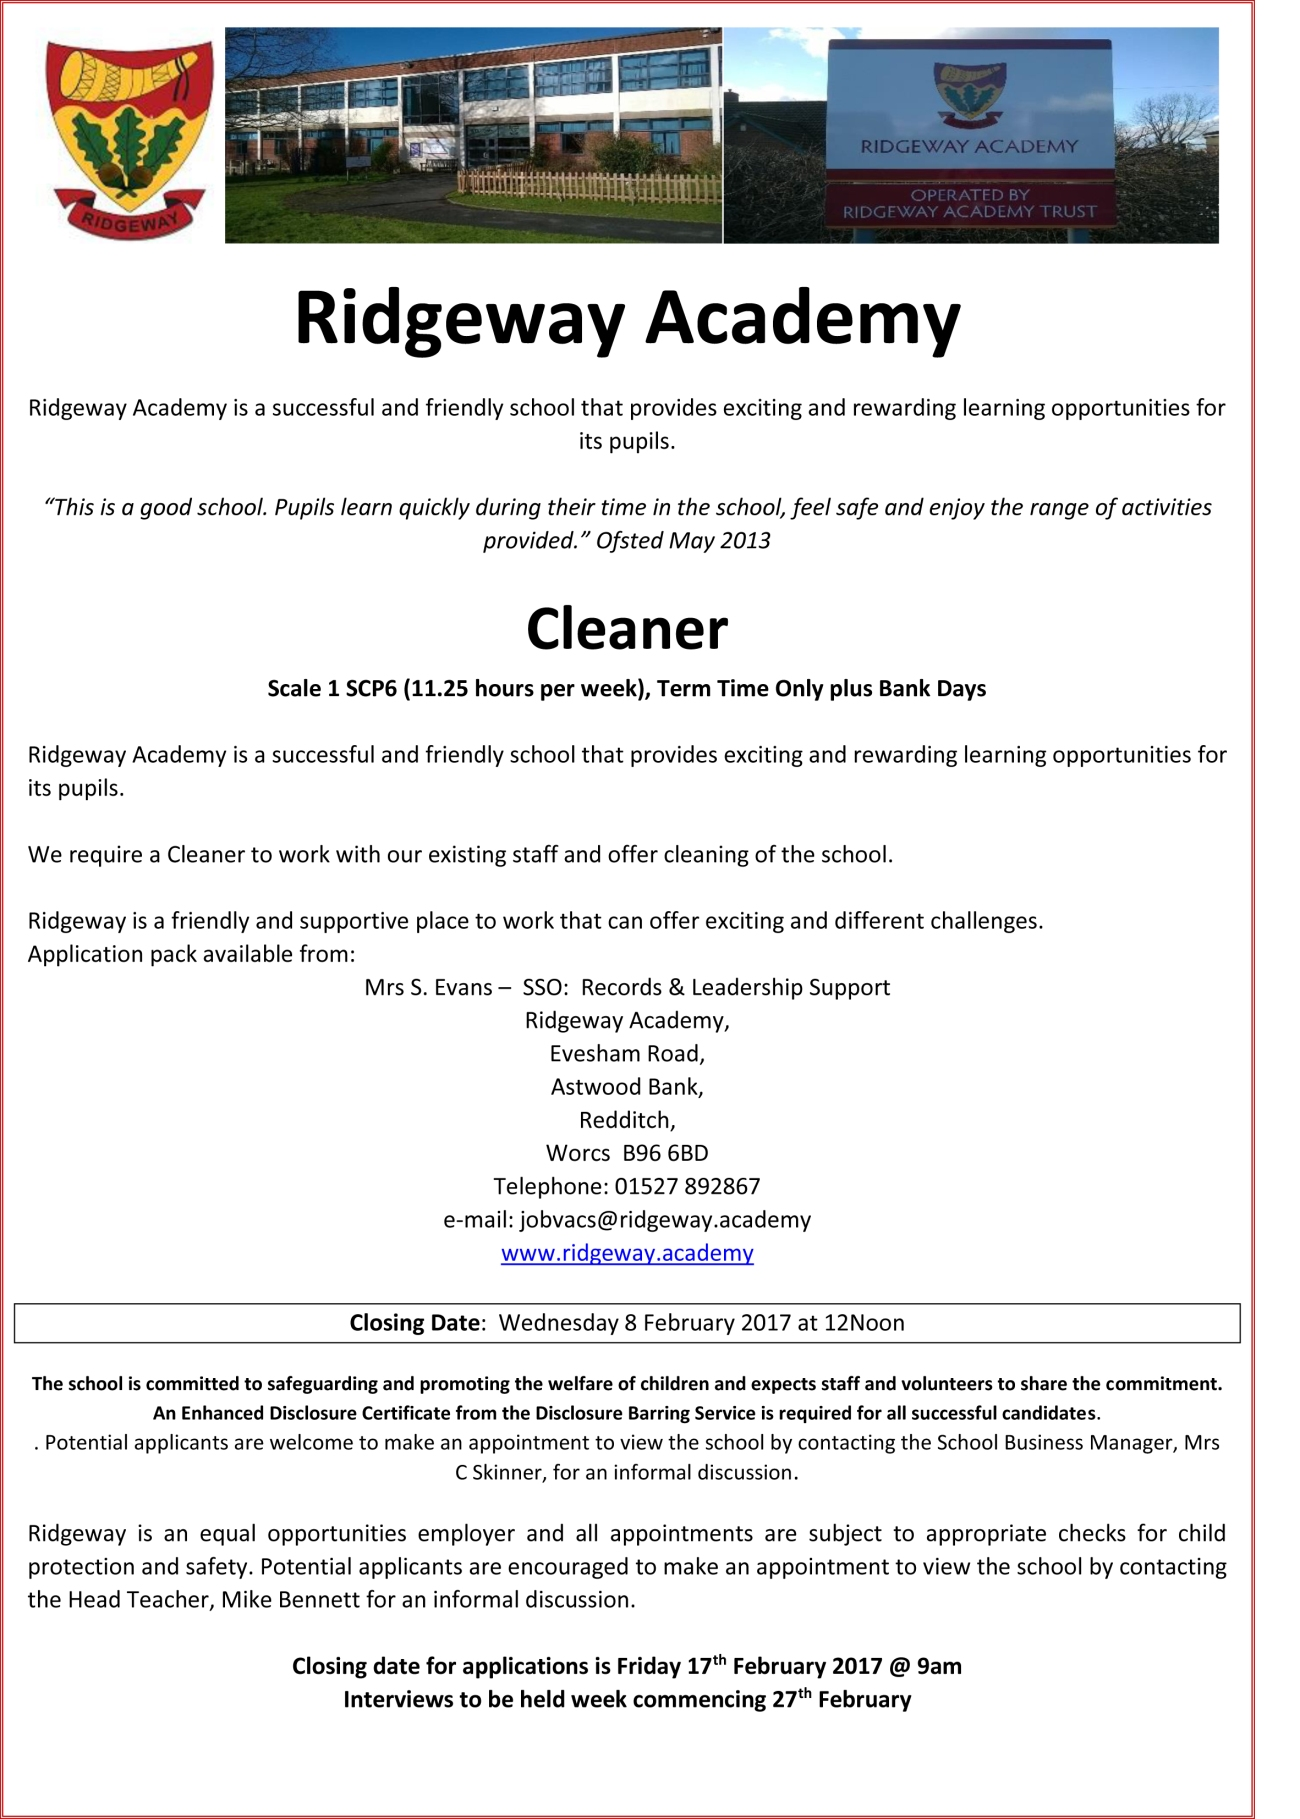 cleaner-advert-jan-17